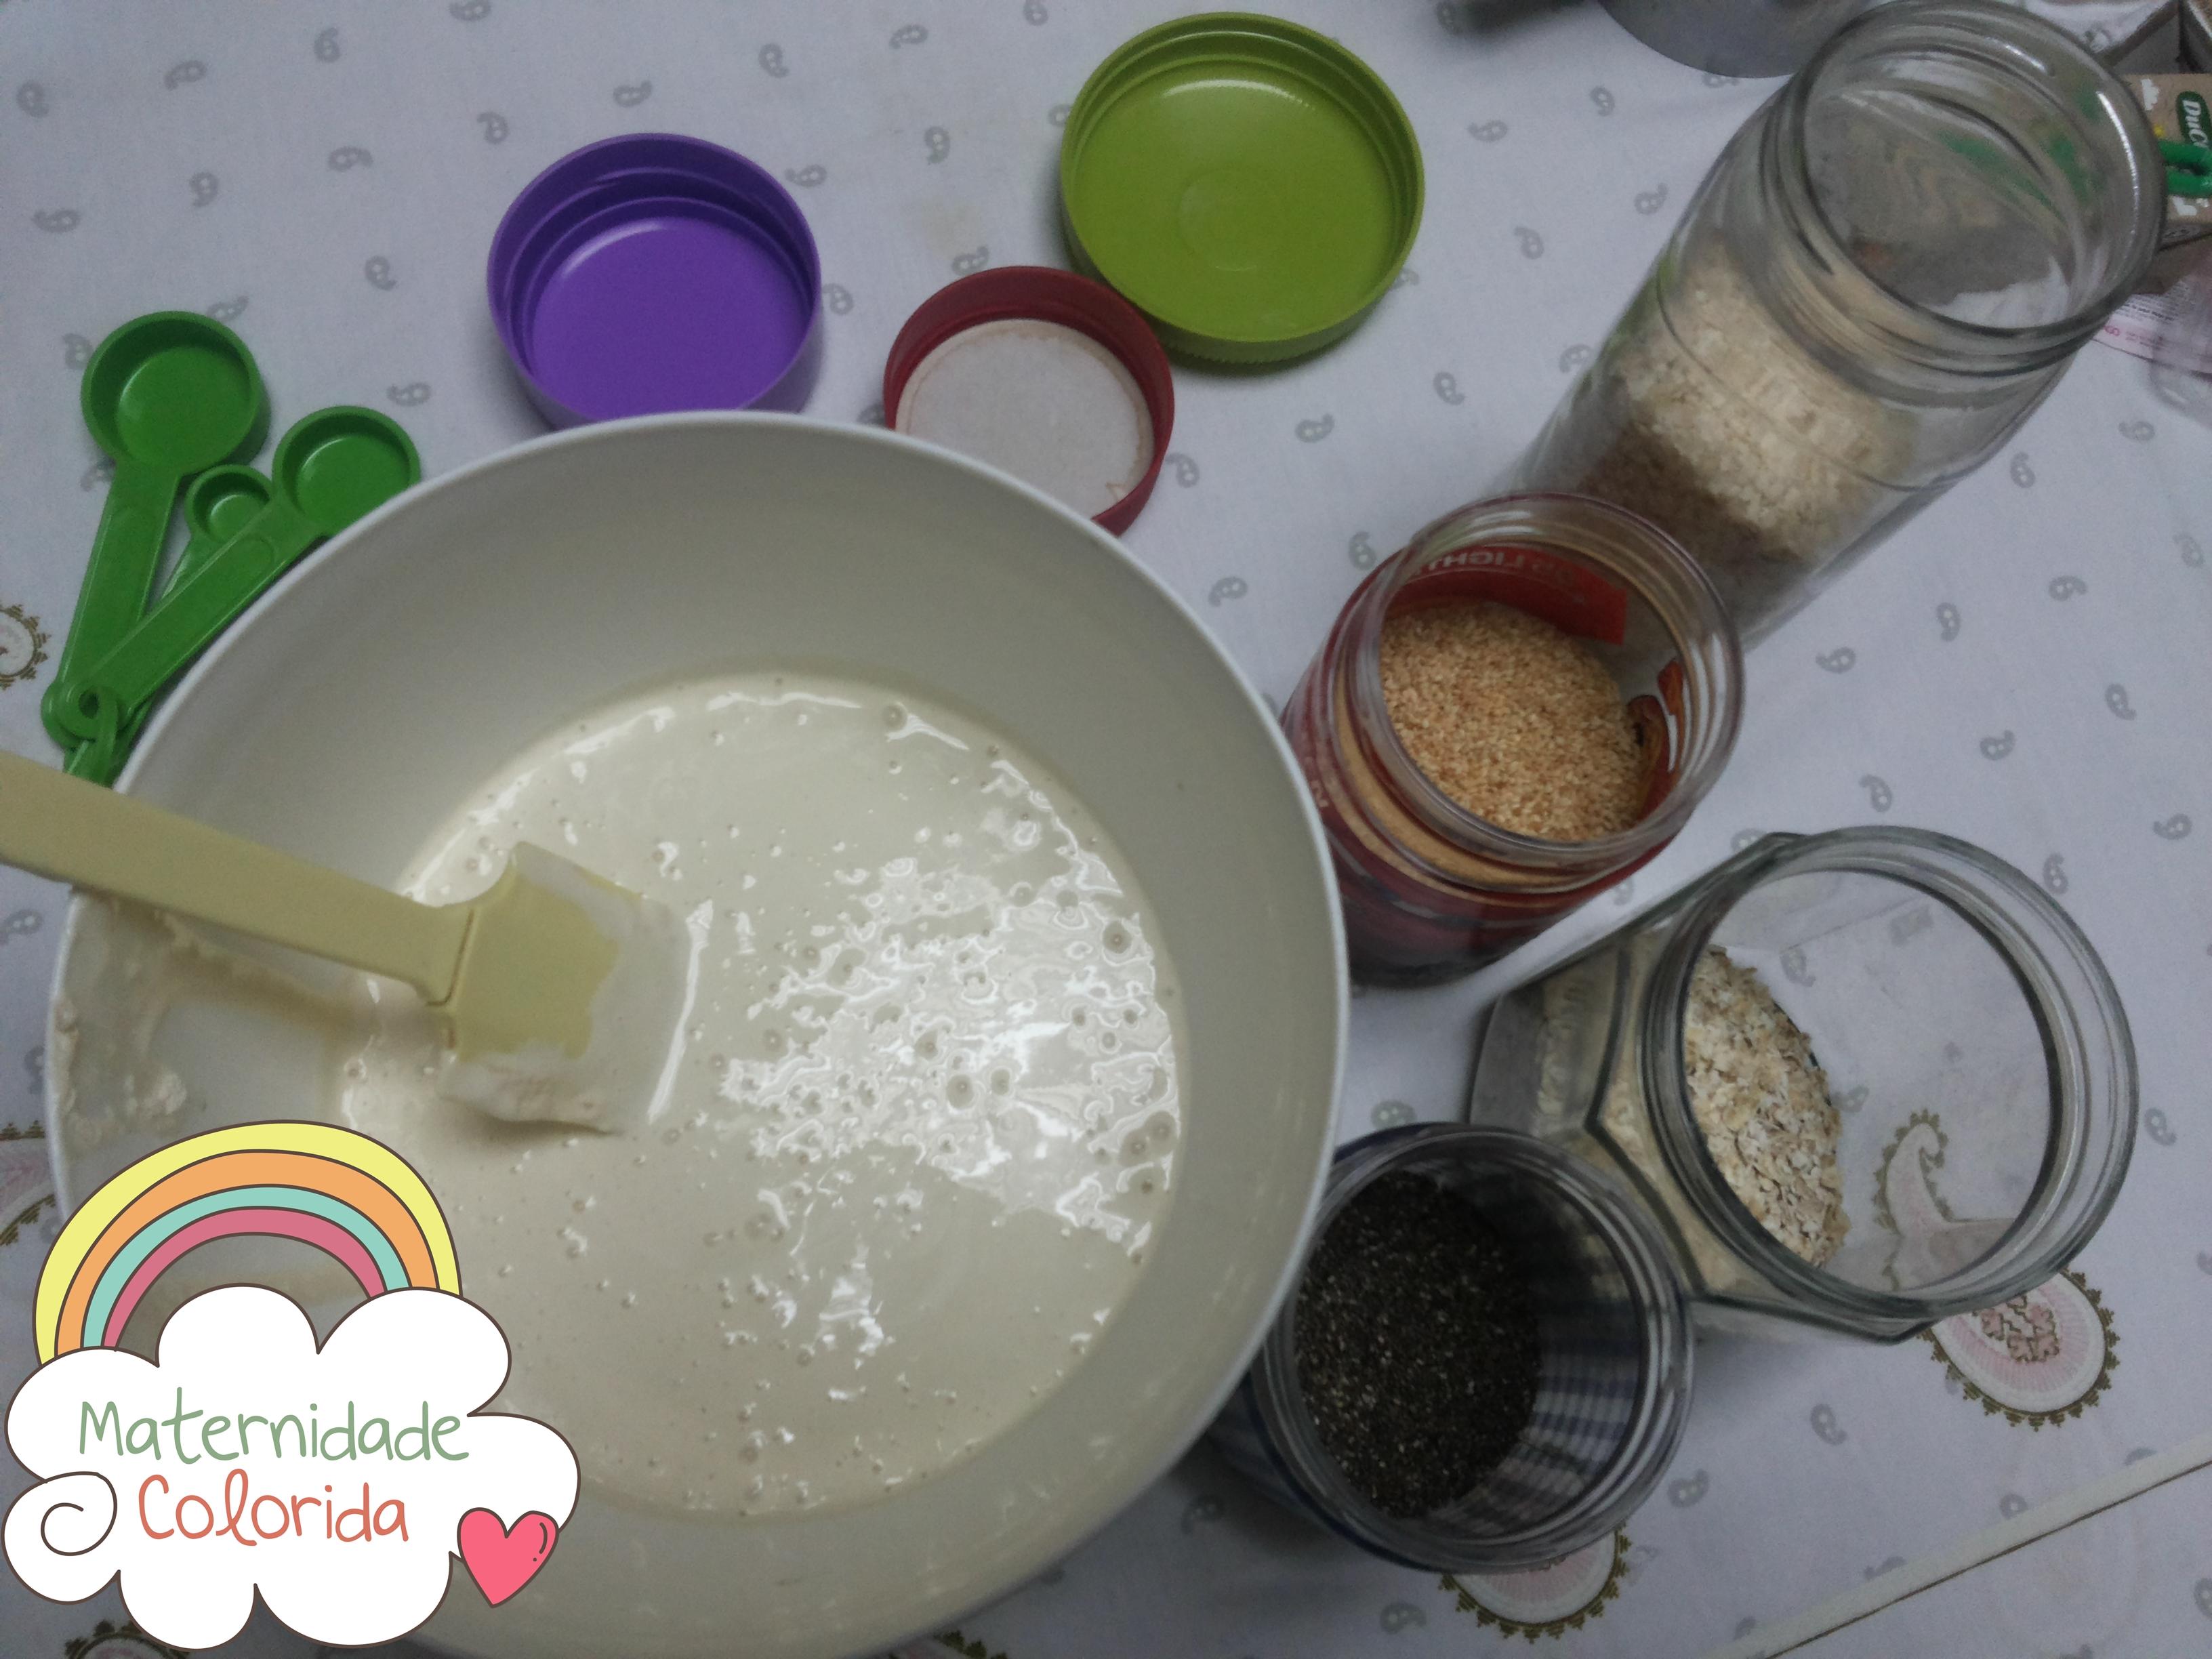 Cupcake de vegetais - maternidade colorida